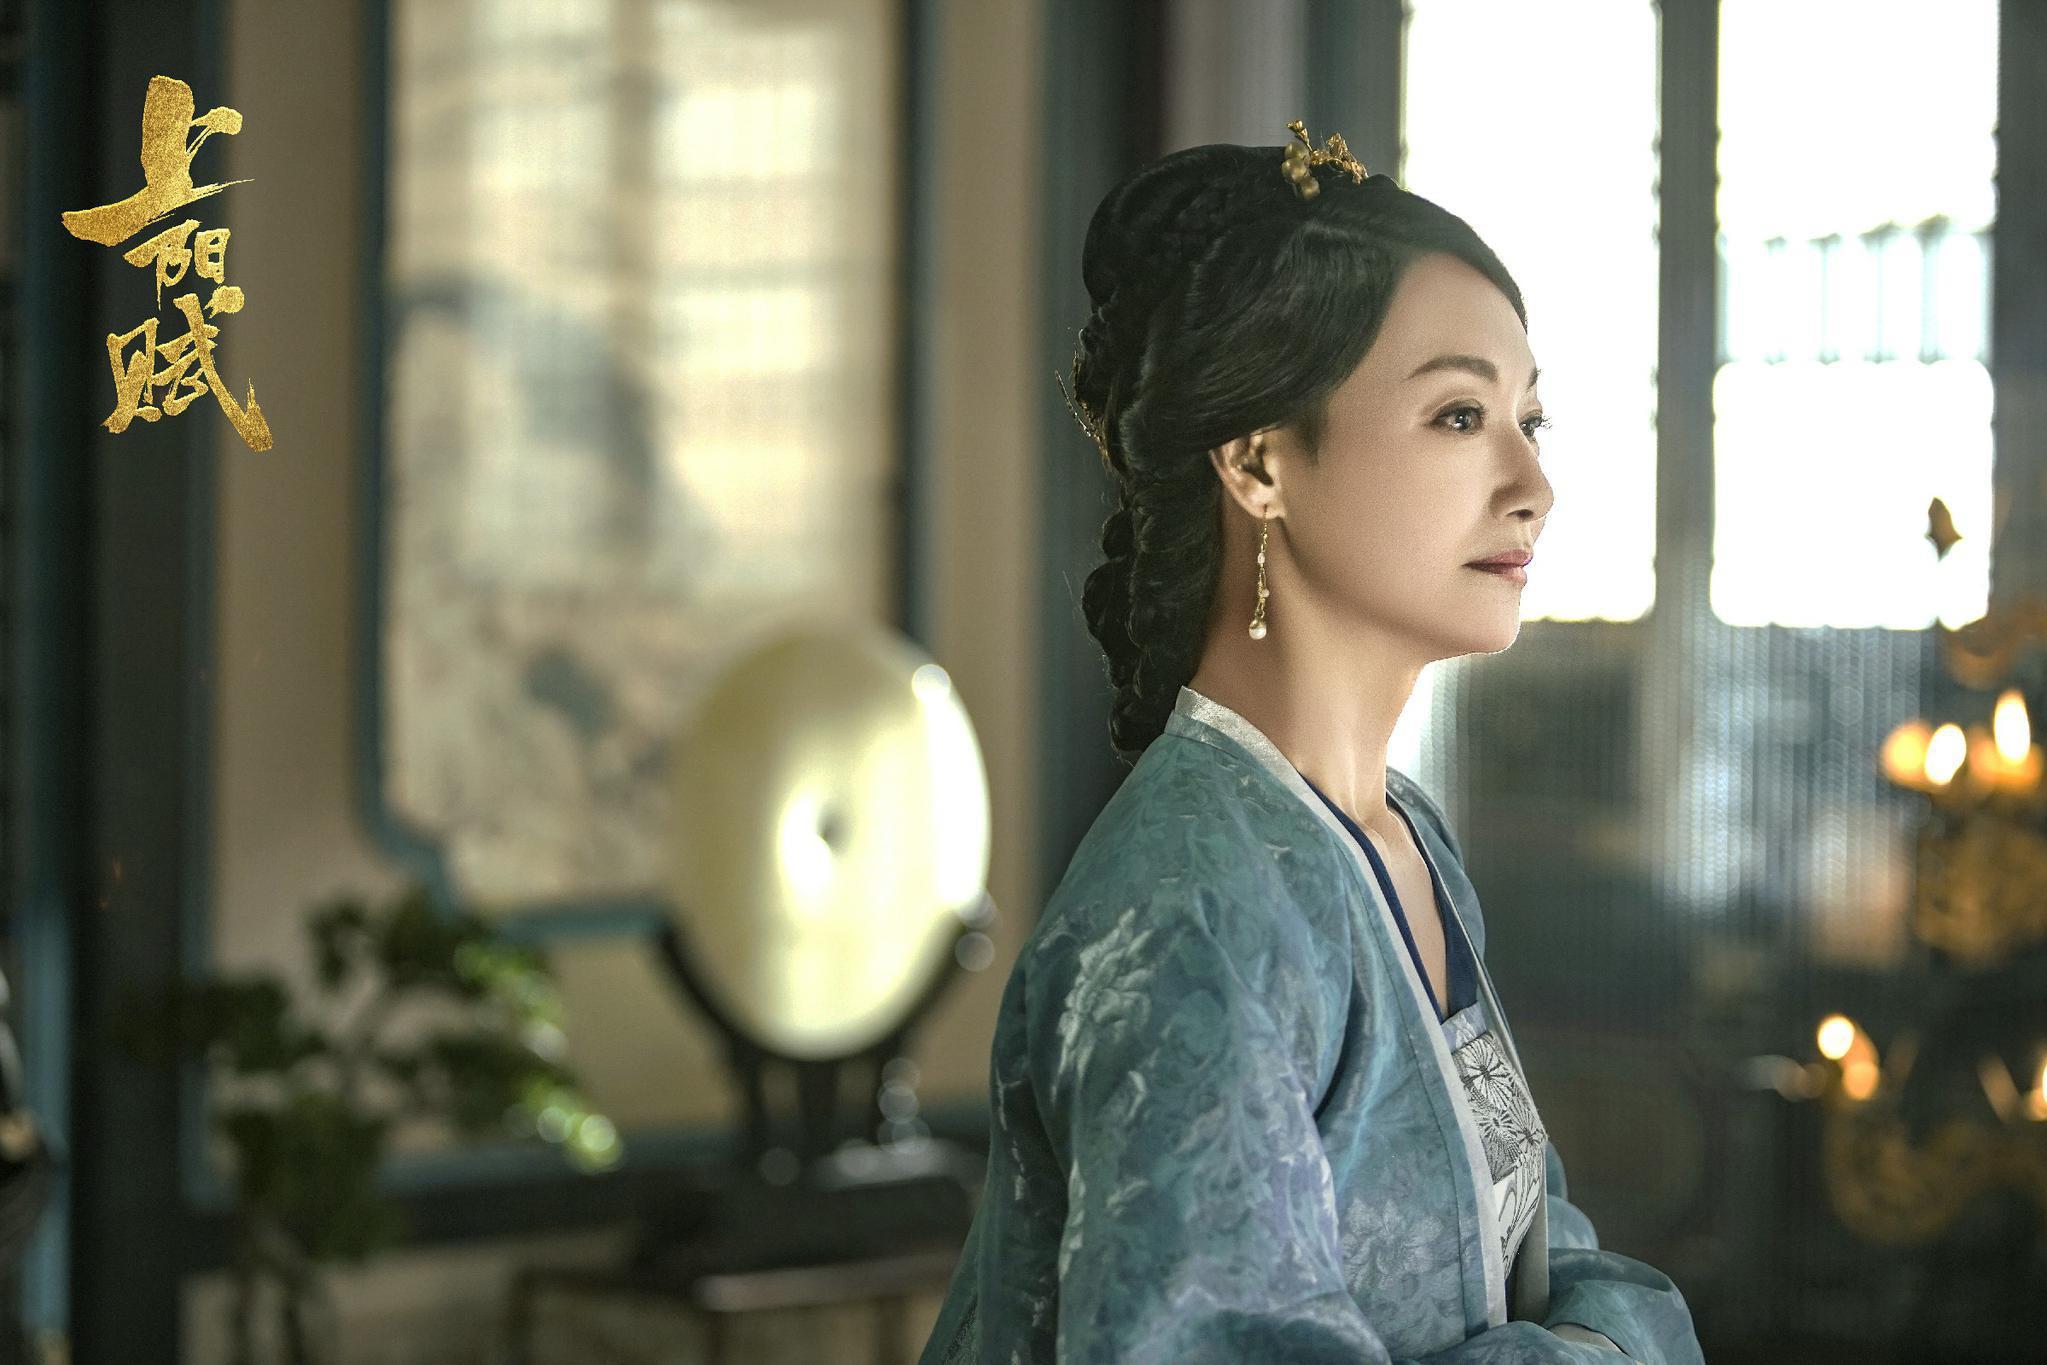 惠英红主演电视剧《上阳赋》热播 四场哭戏展现精湛演技